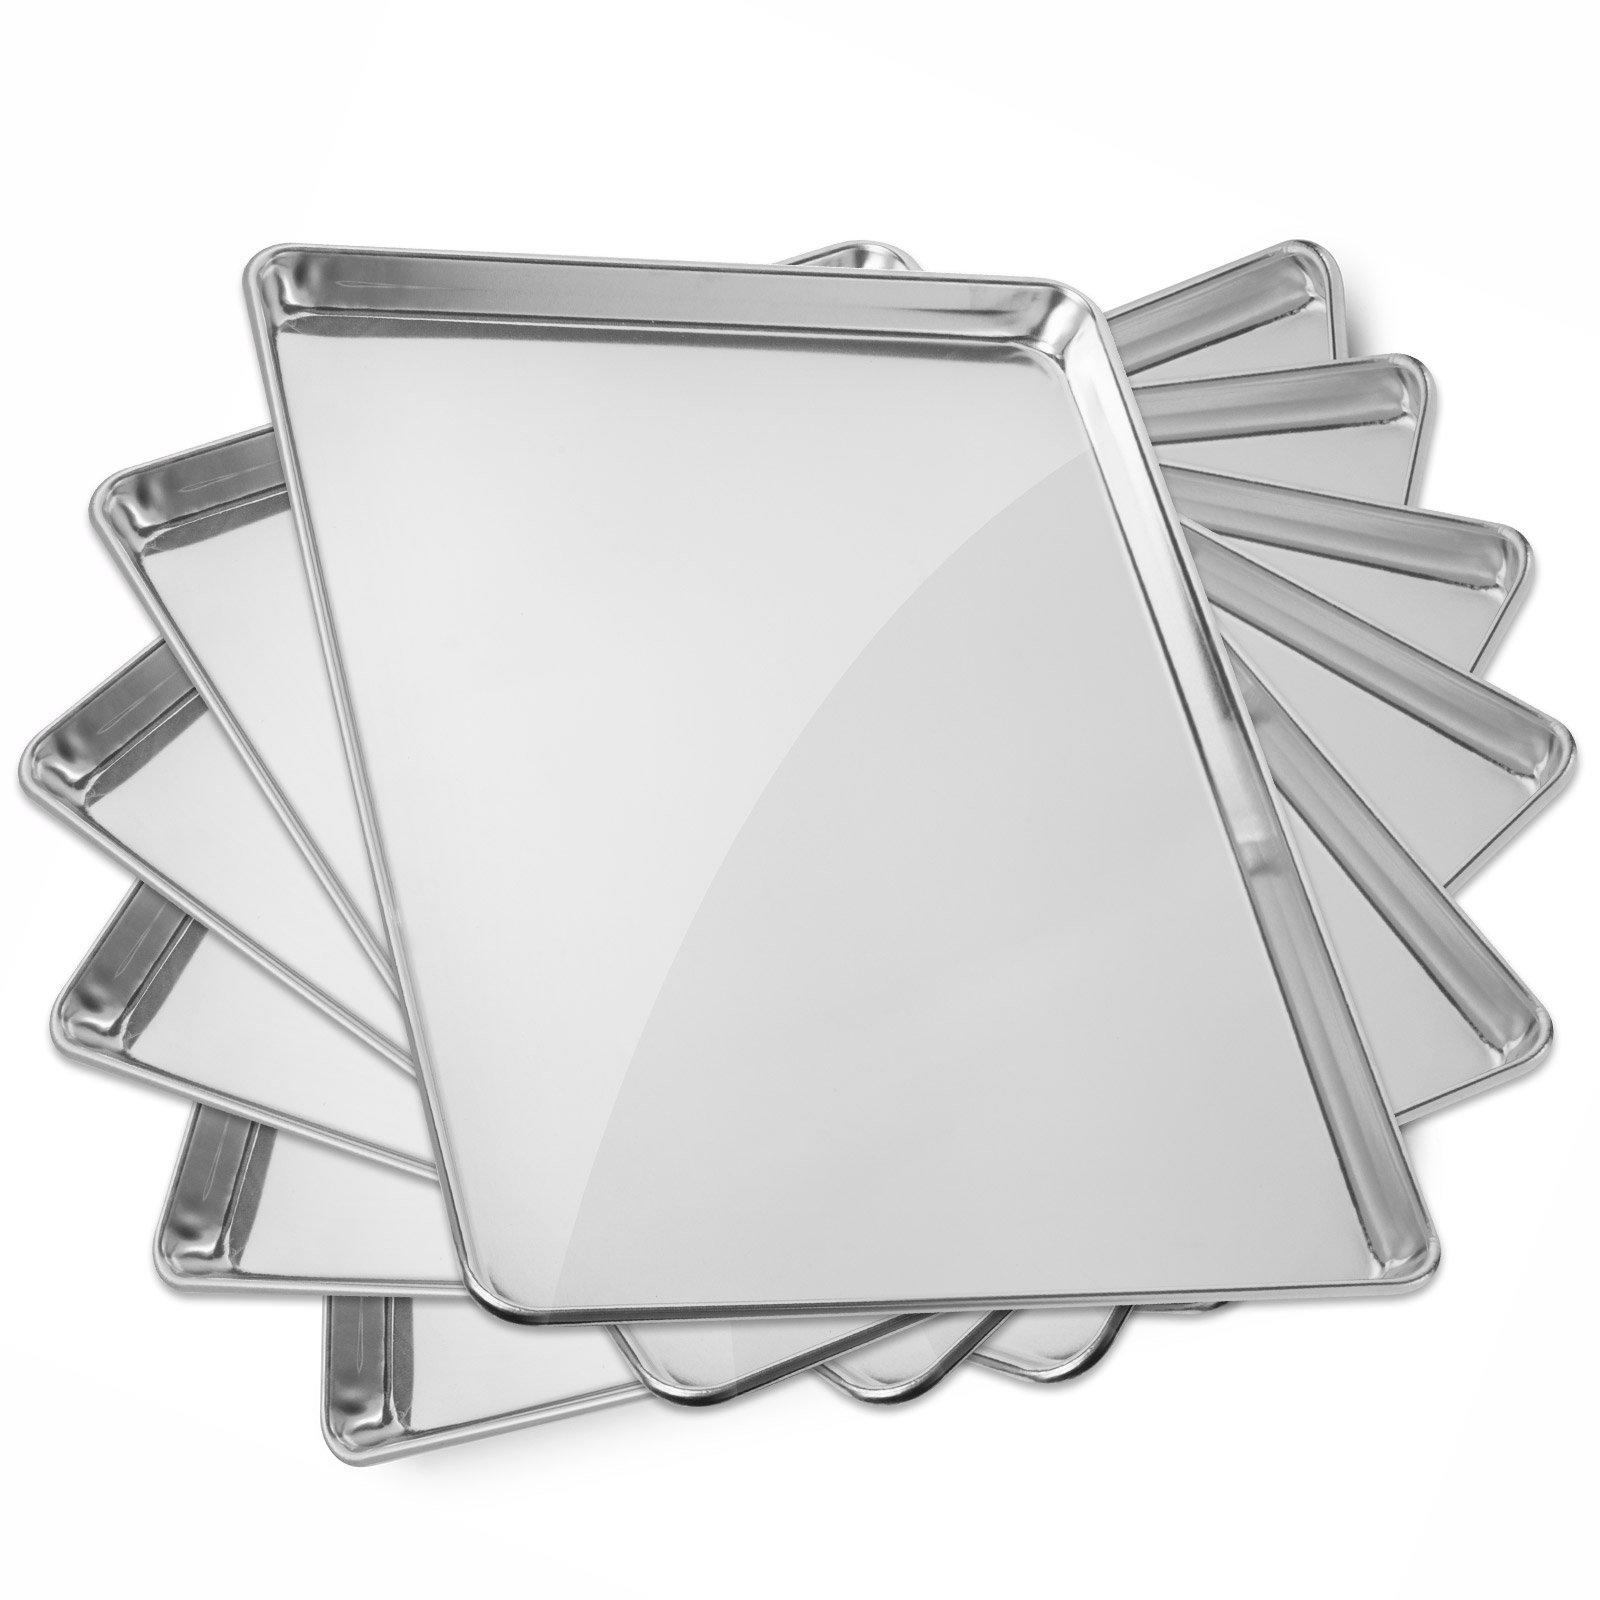 Gridmann 18'' x 26'' Commercial Grade Aluminium Cookie Sheet Baking Tray Pan Full Sheet - 6 Pans